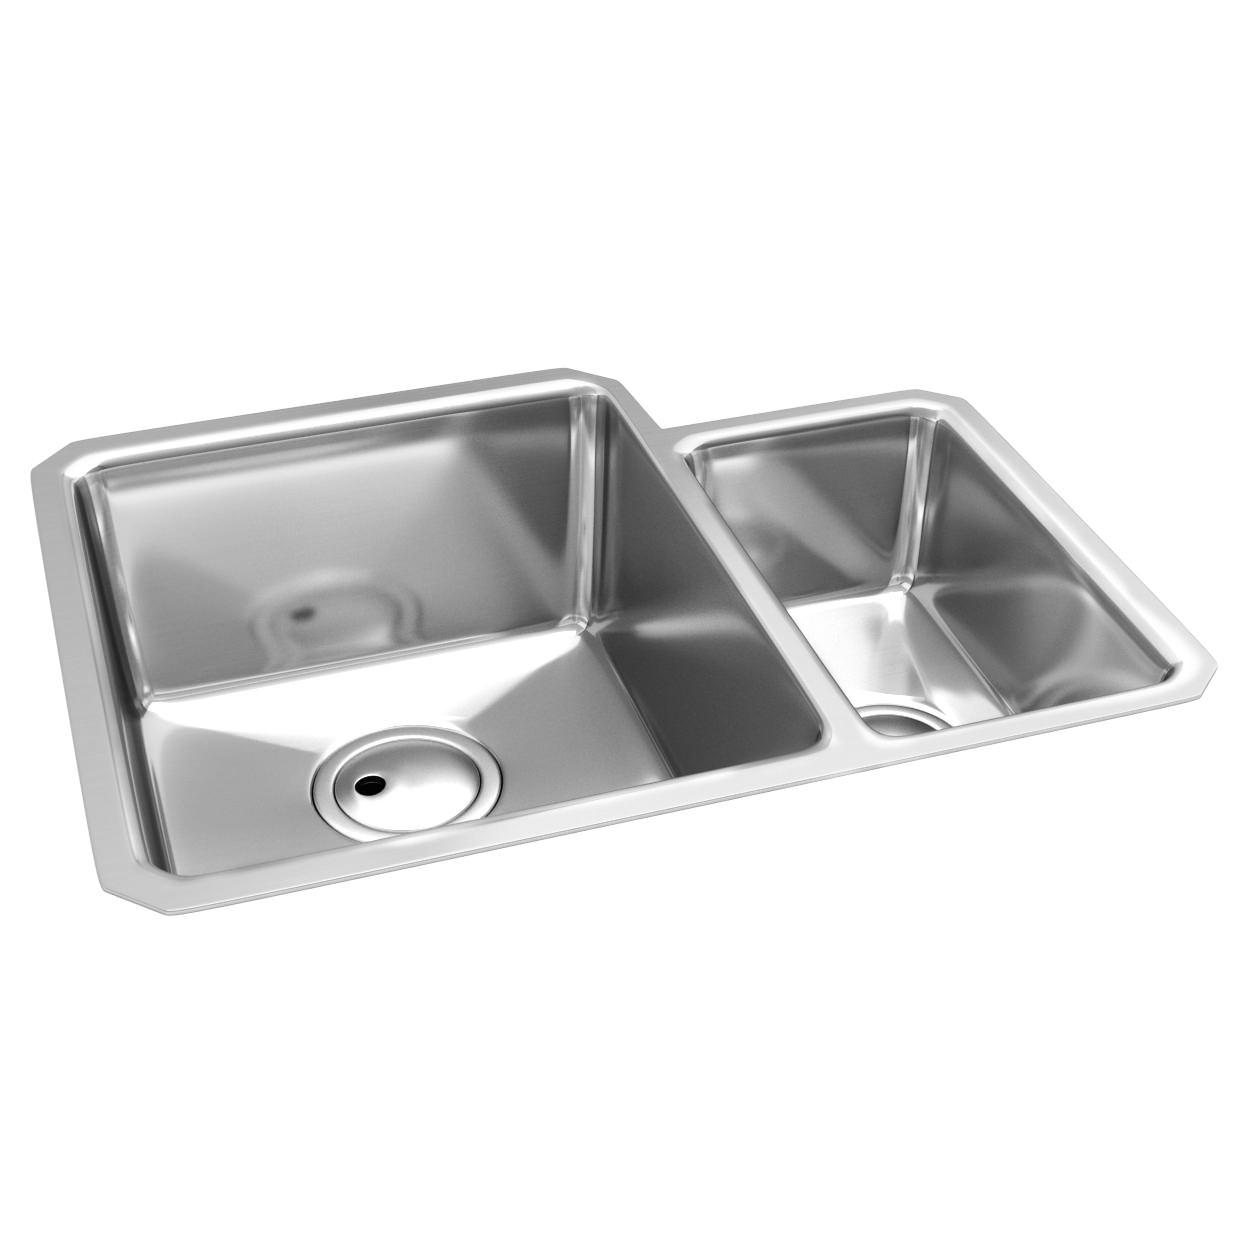 Abode Matrix R25 1.5 Bowl Undermount Kitchen Sink | AW5005